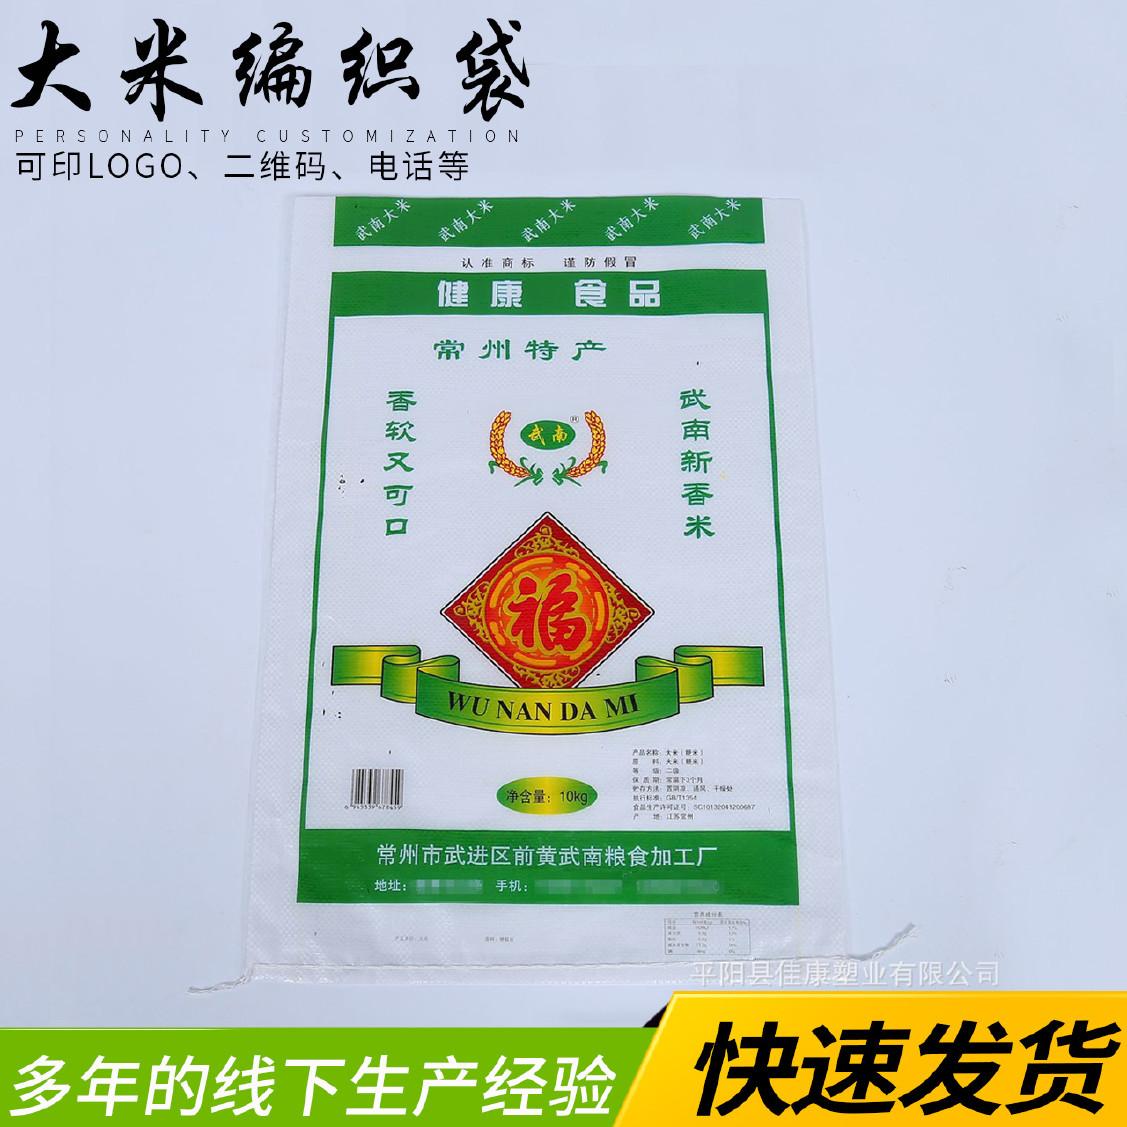 厂家专业定制大米袋pp塑料编织袋彩印大米袋环保级塑料编织袋批发图片